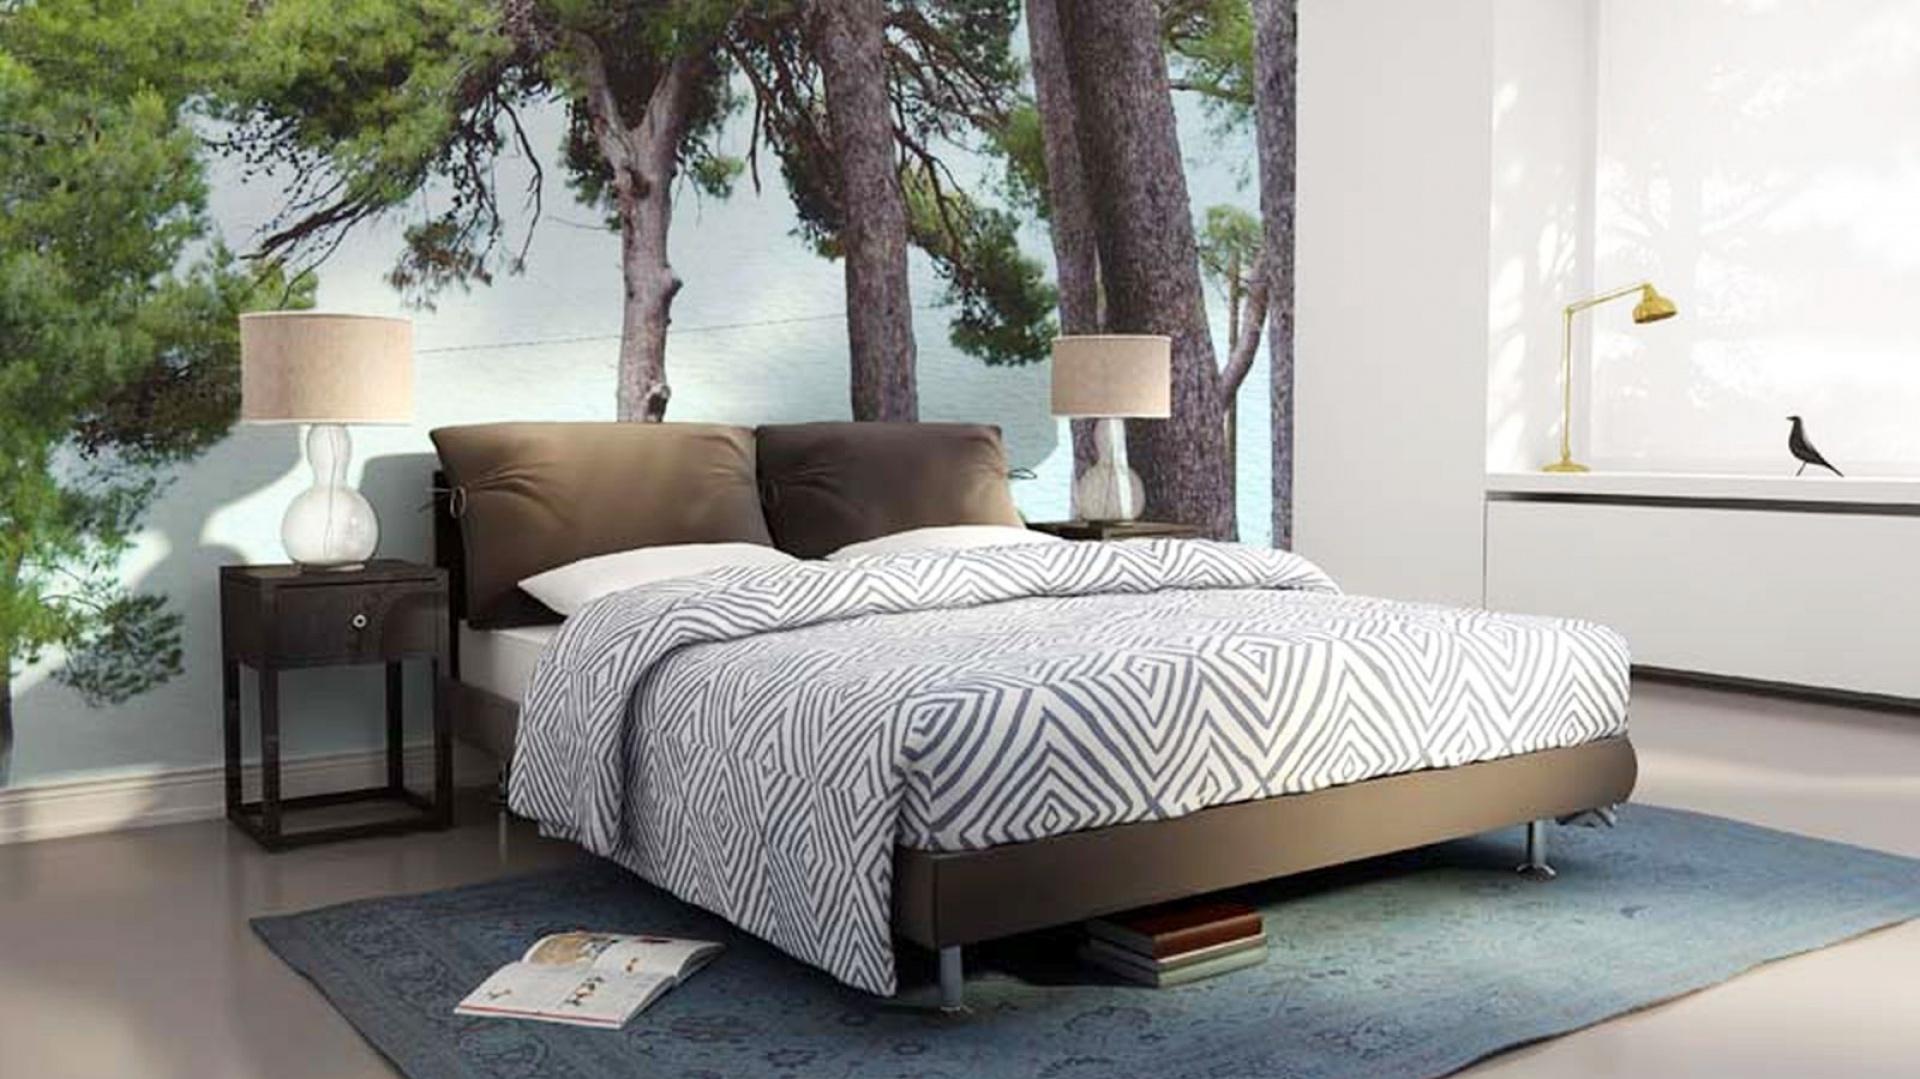 Cudownie byłoby móc spać pod drzewem. Realizację tego pragnienia umożliwia fototapeta z bujnymi drzewami marki Dekornik. Fot. Dekornik.